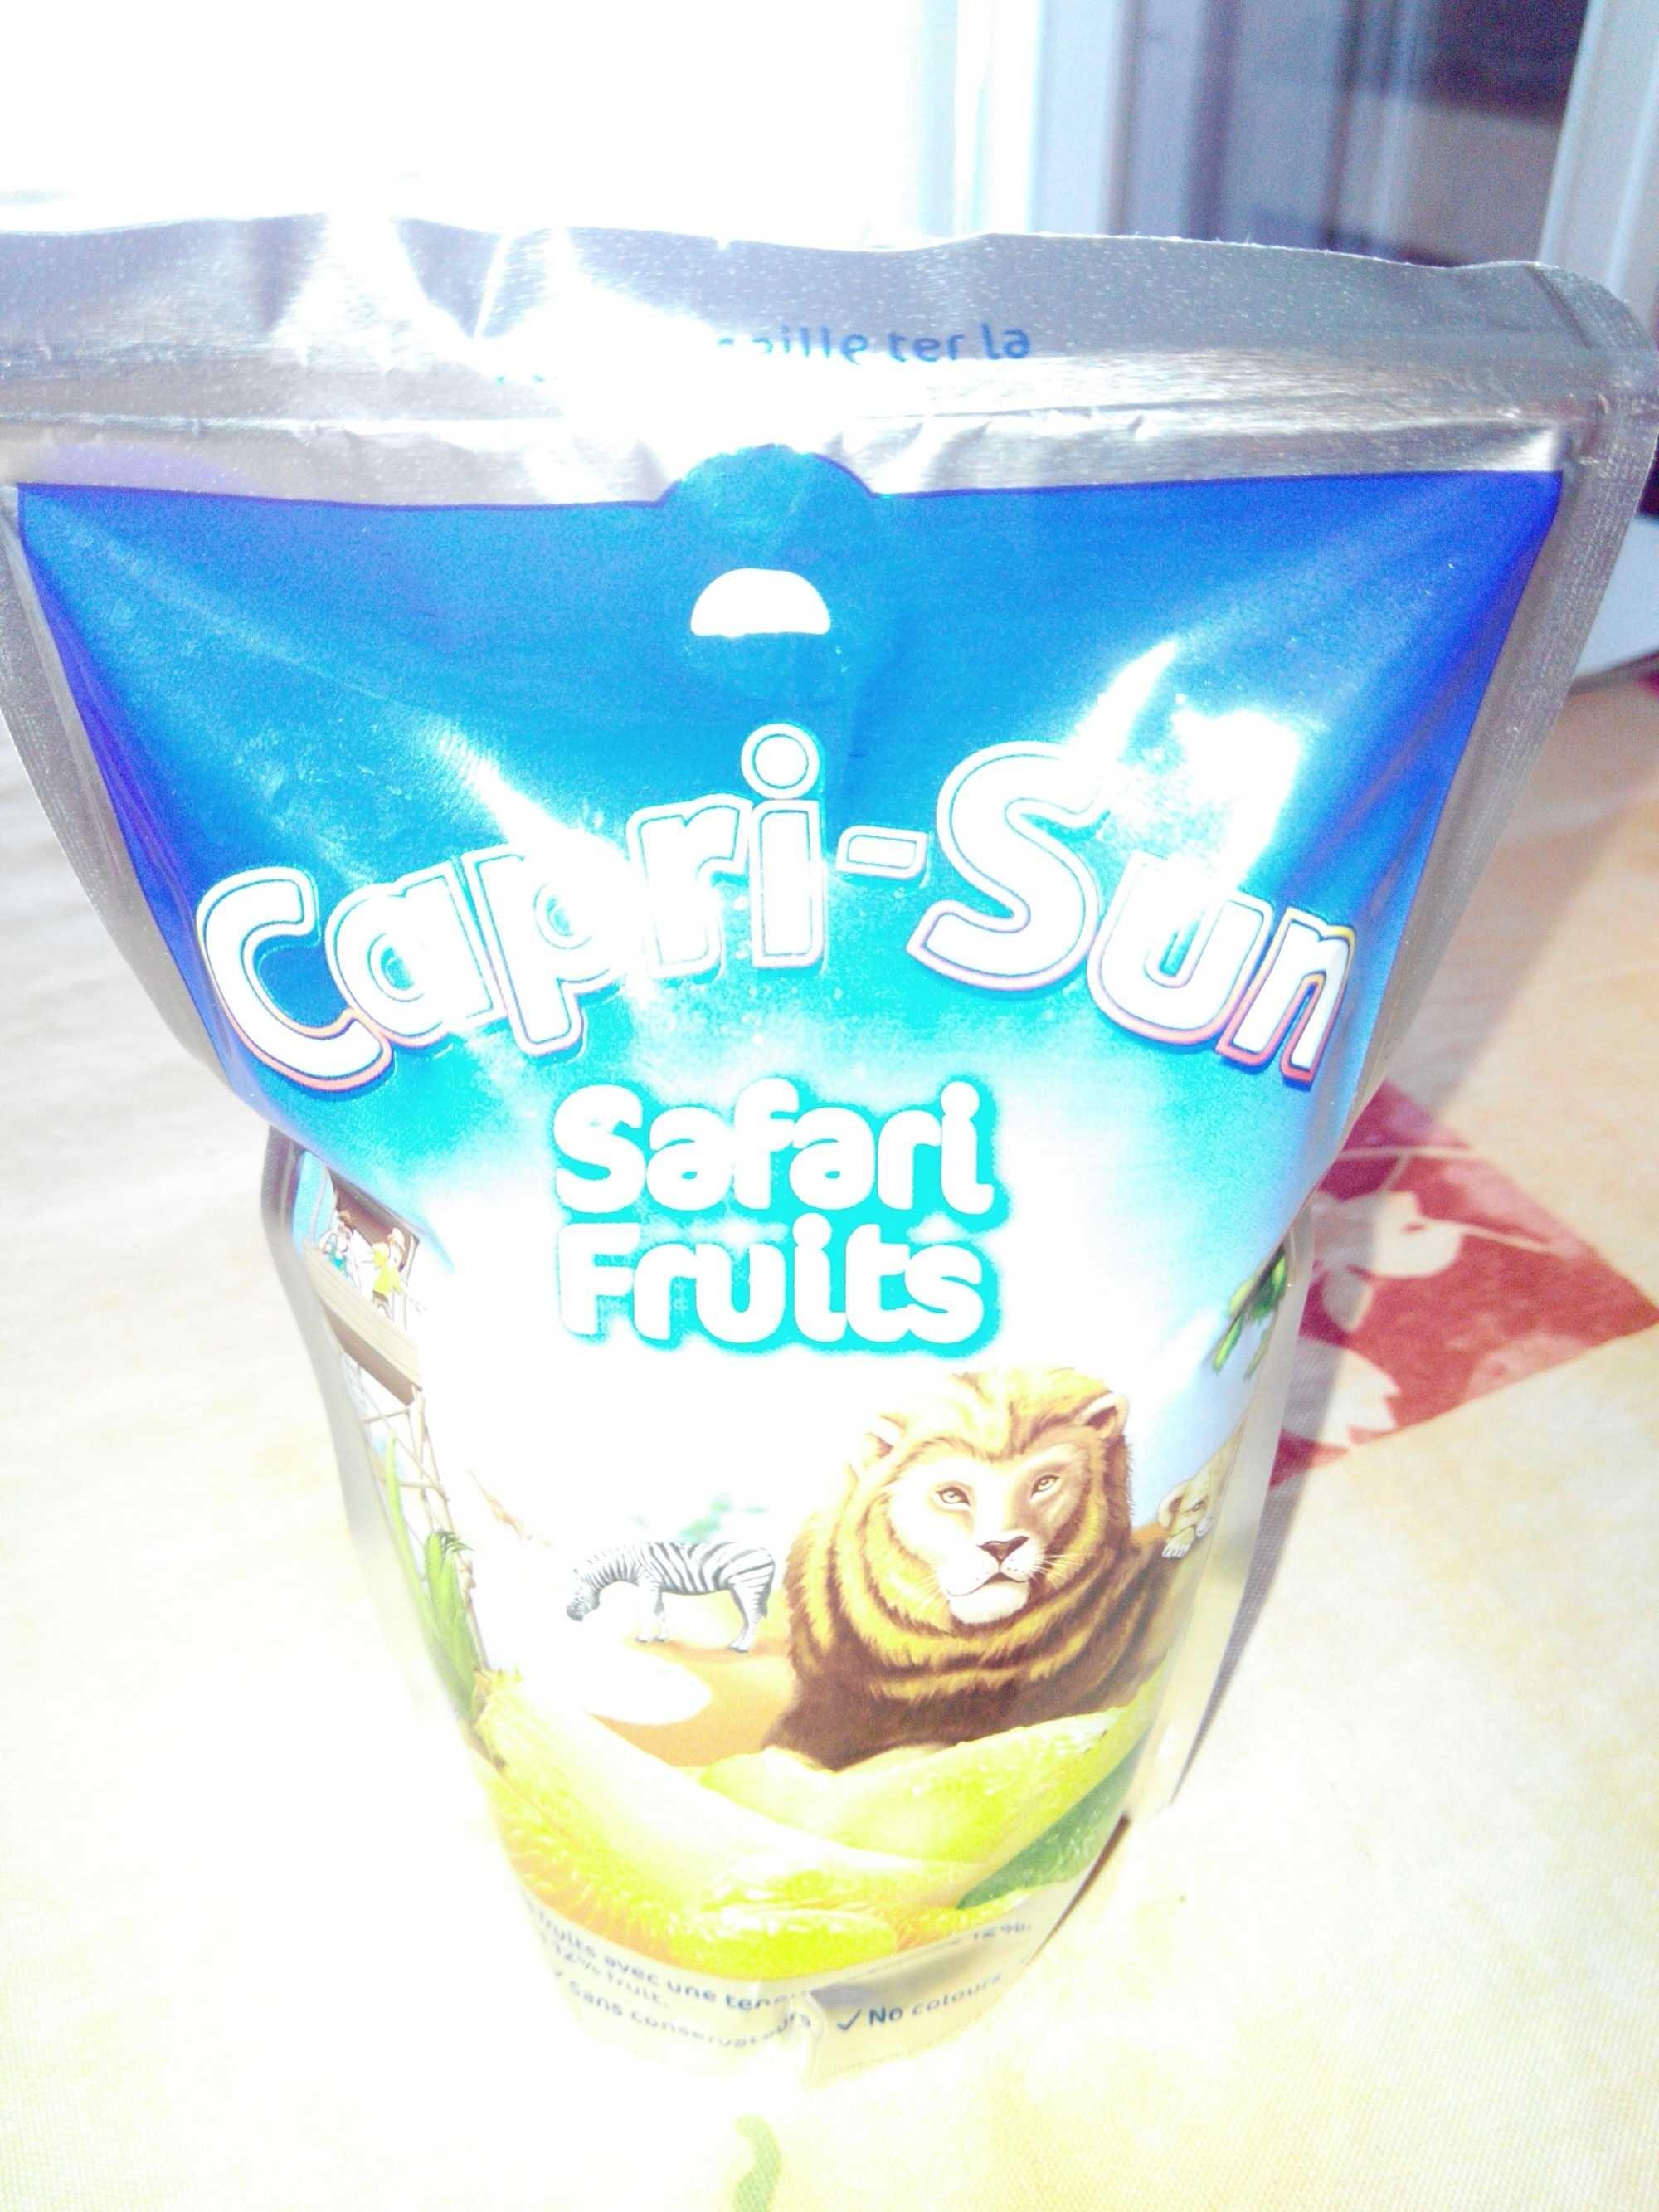 Capri-Sun Safari Fruits - Product